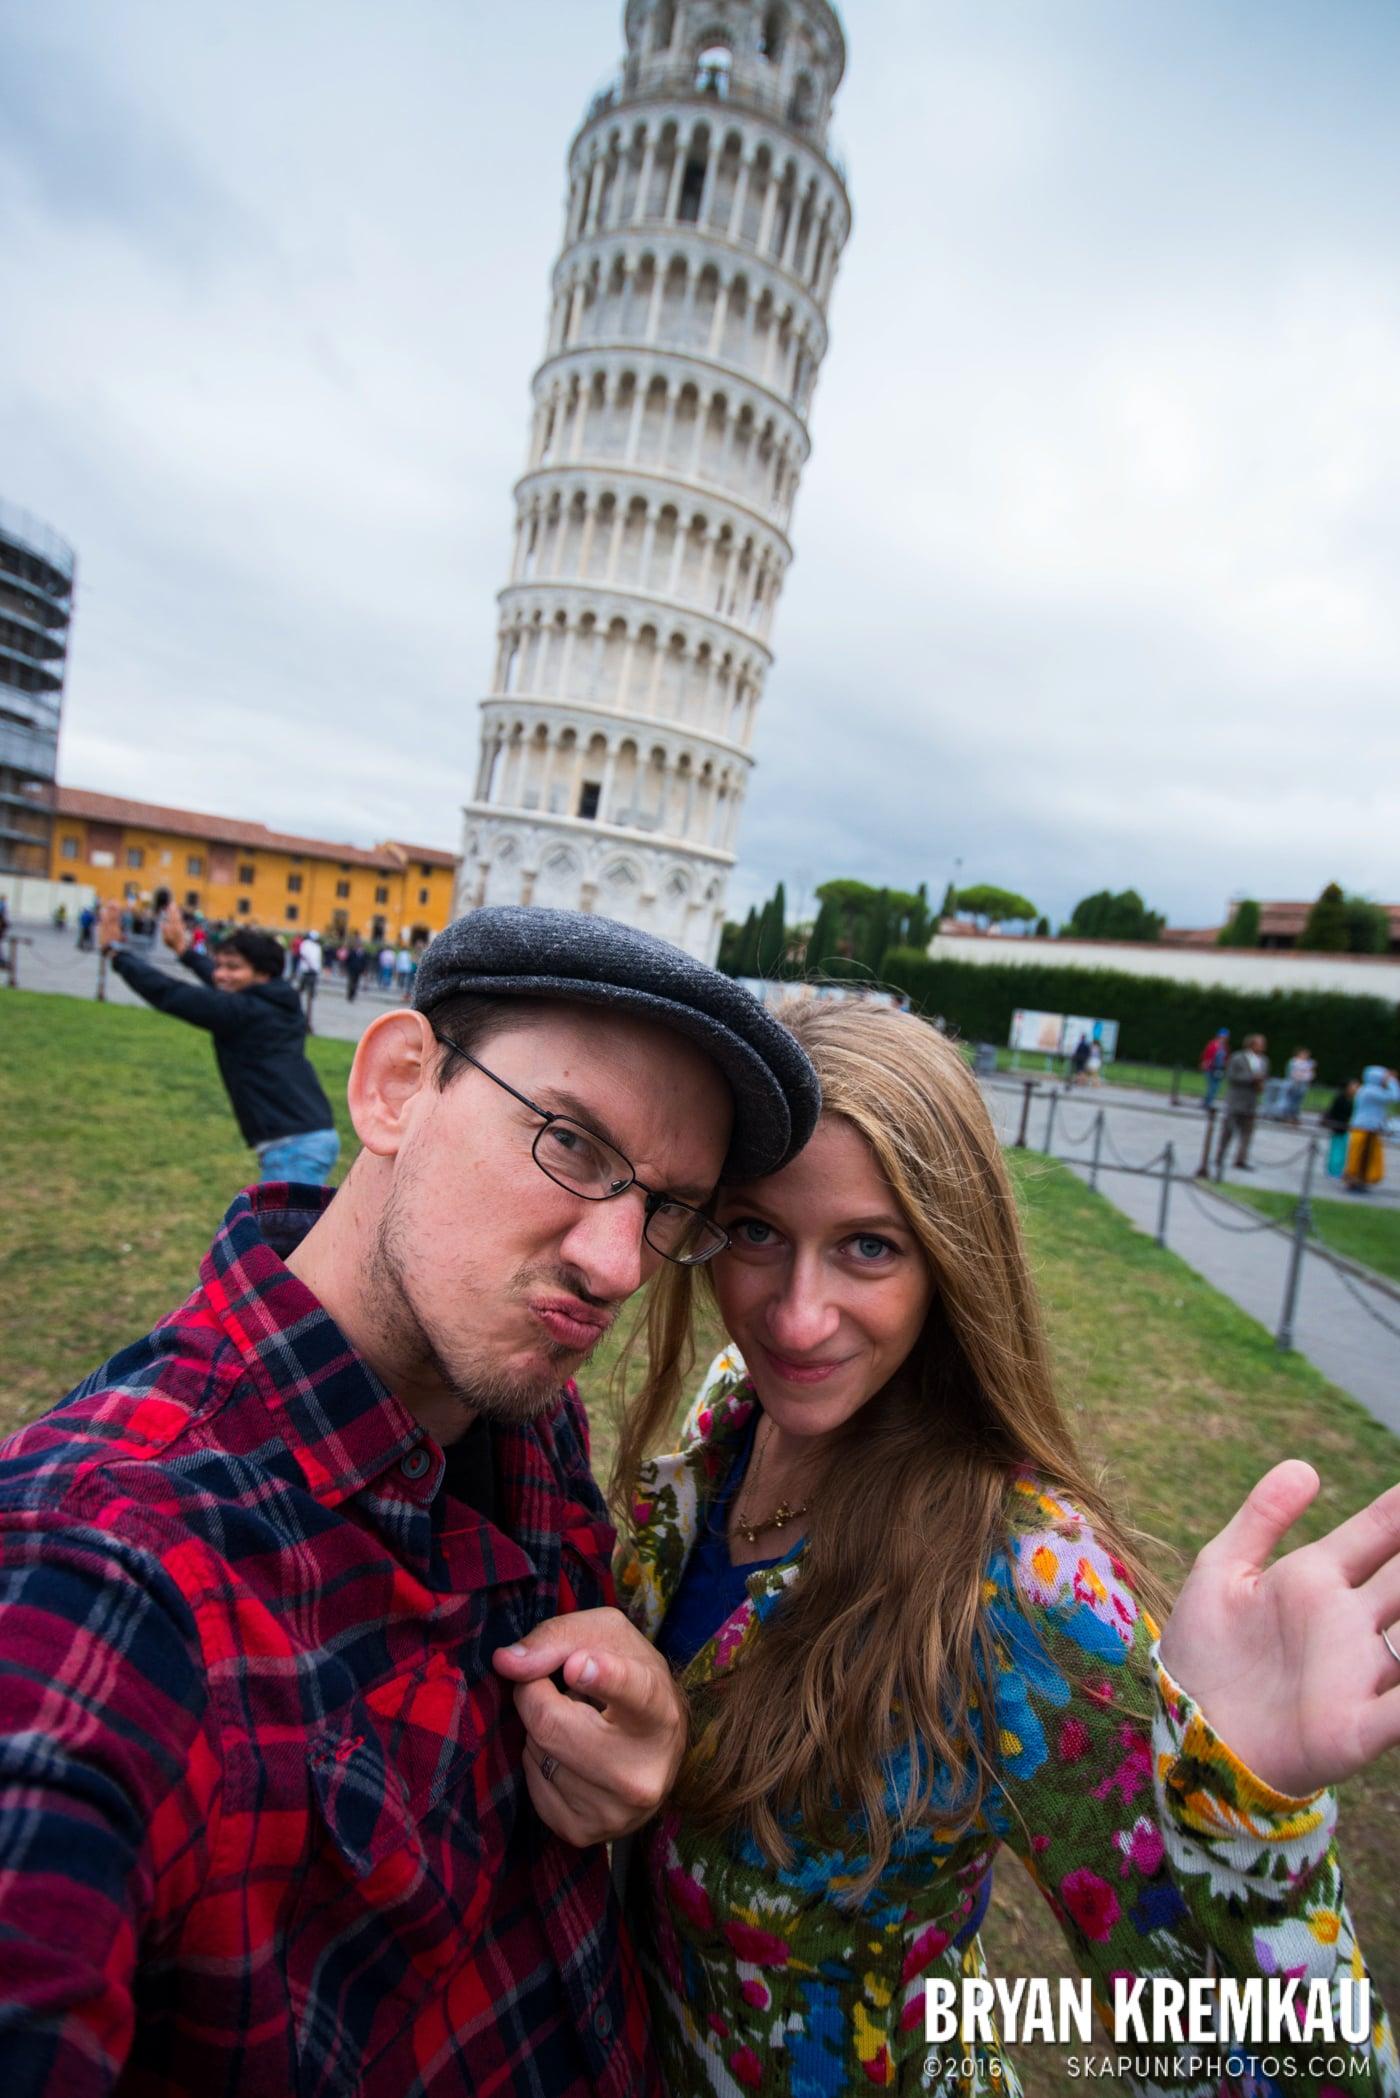 Italy Vacation - Day 8: Siena, San Gimignano, Chianti, Pisa - 9.16.13 (20)